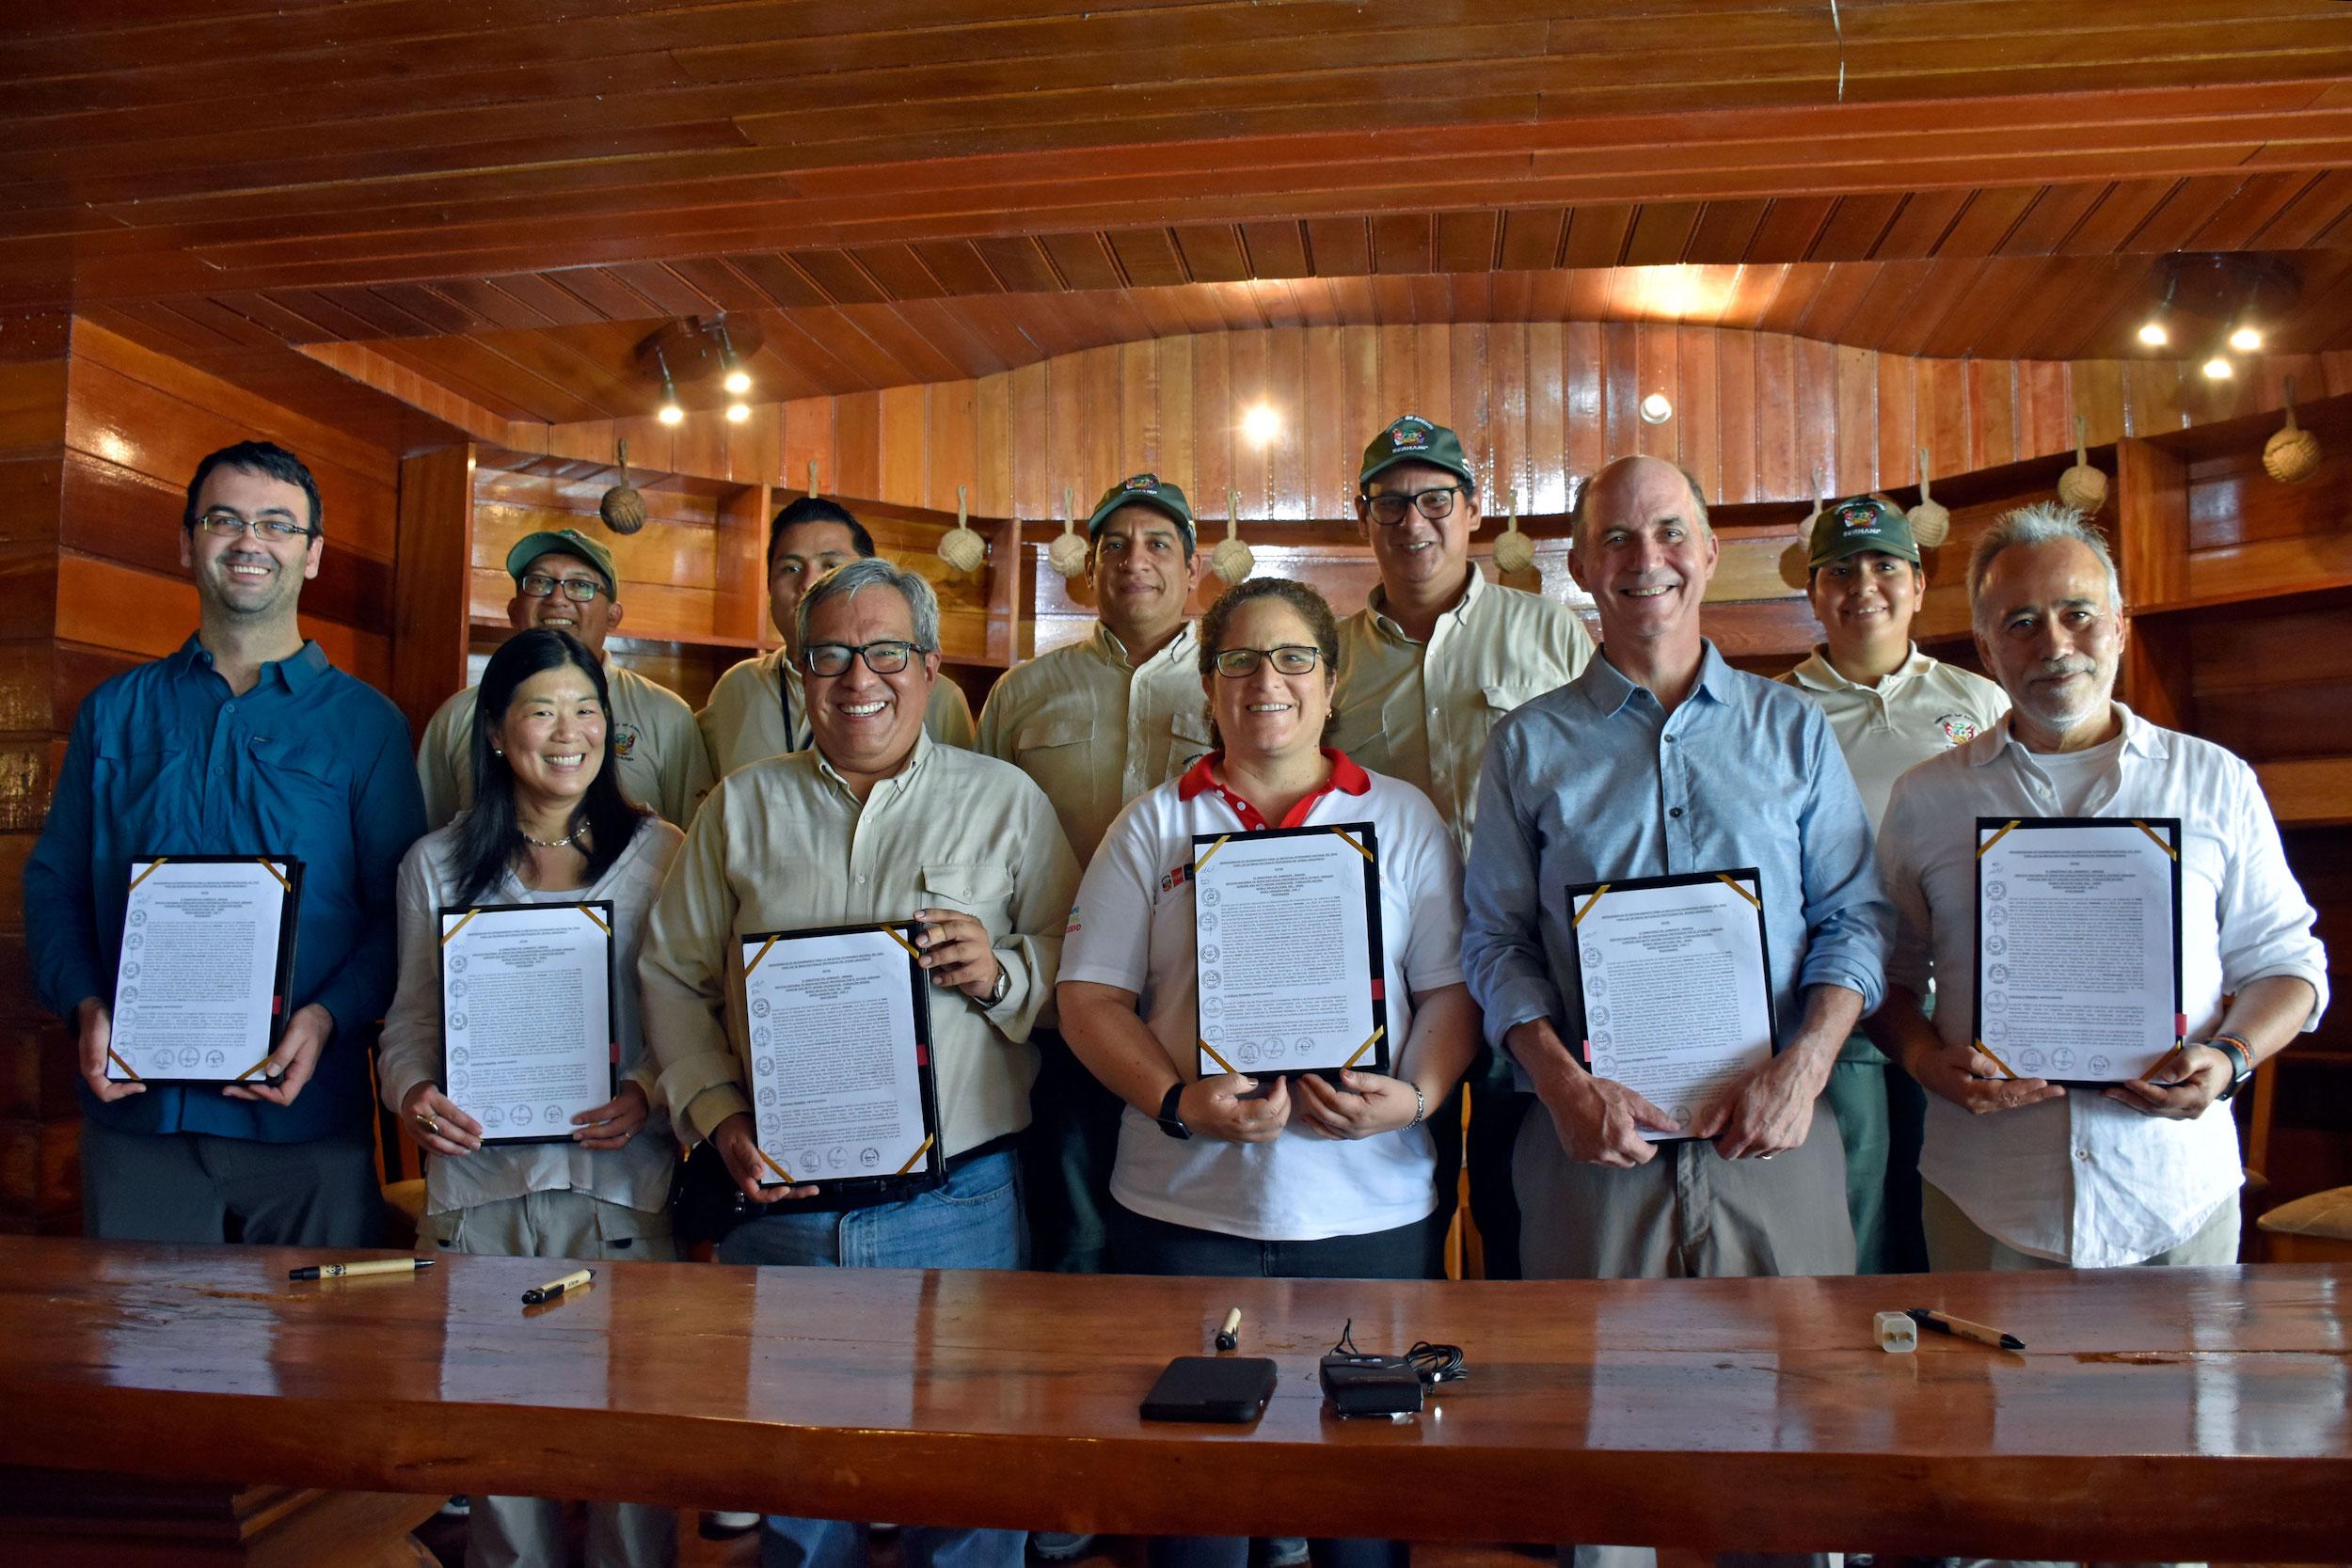 El acuerdo entre el gobierno peruano y los donantes internacionales se firmó en el Parque Nacional Pacaya Samiria. Foto: Jeffrey Davila / WWF Perú.